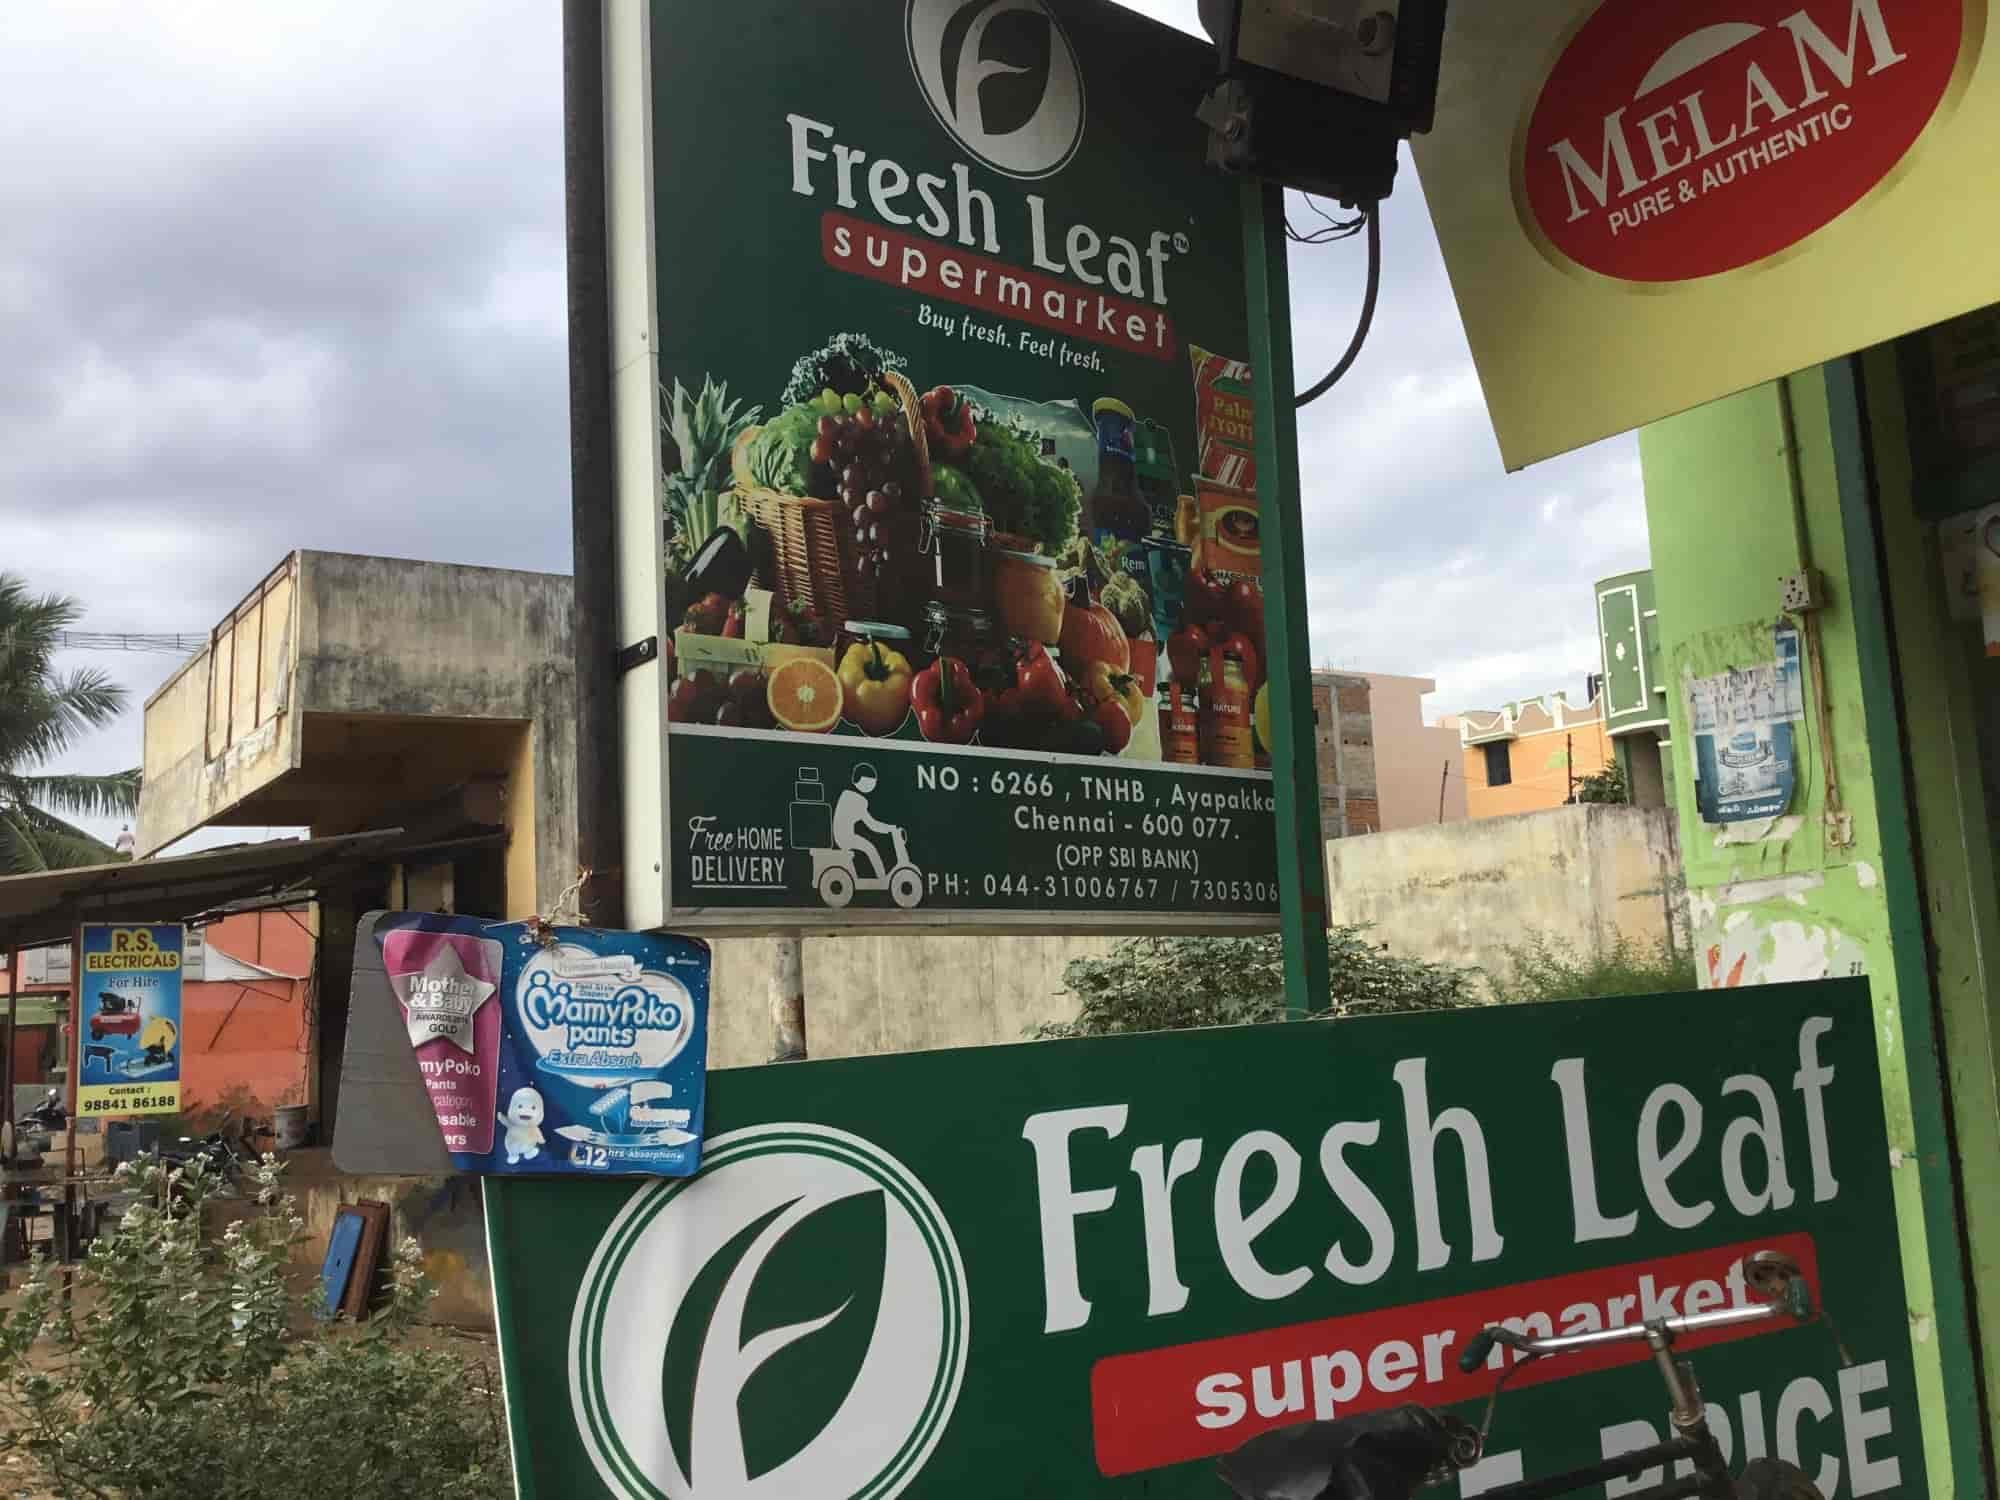 Fresh Leaf Supermarket Photos, Ayapakkam, Chennai- Pictures & Images